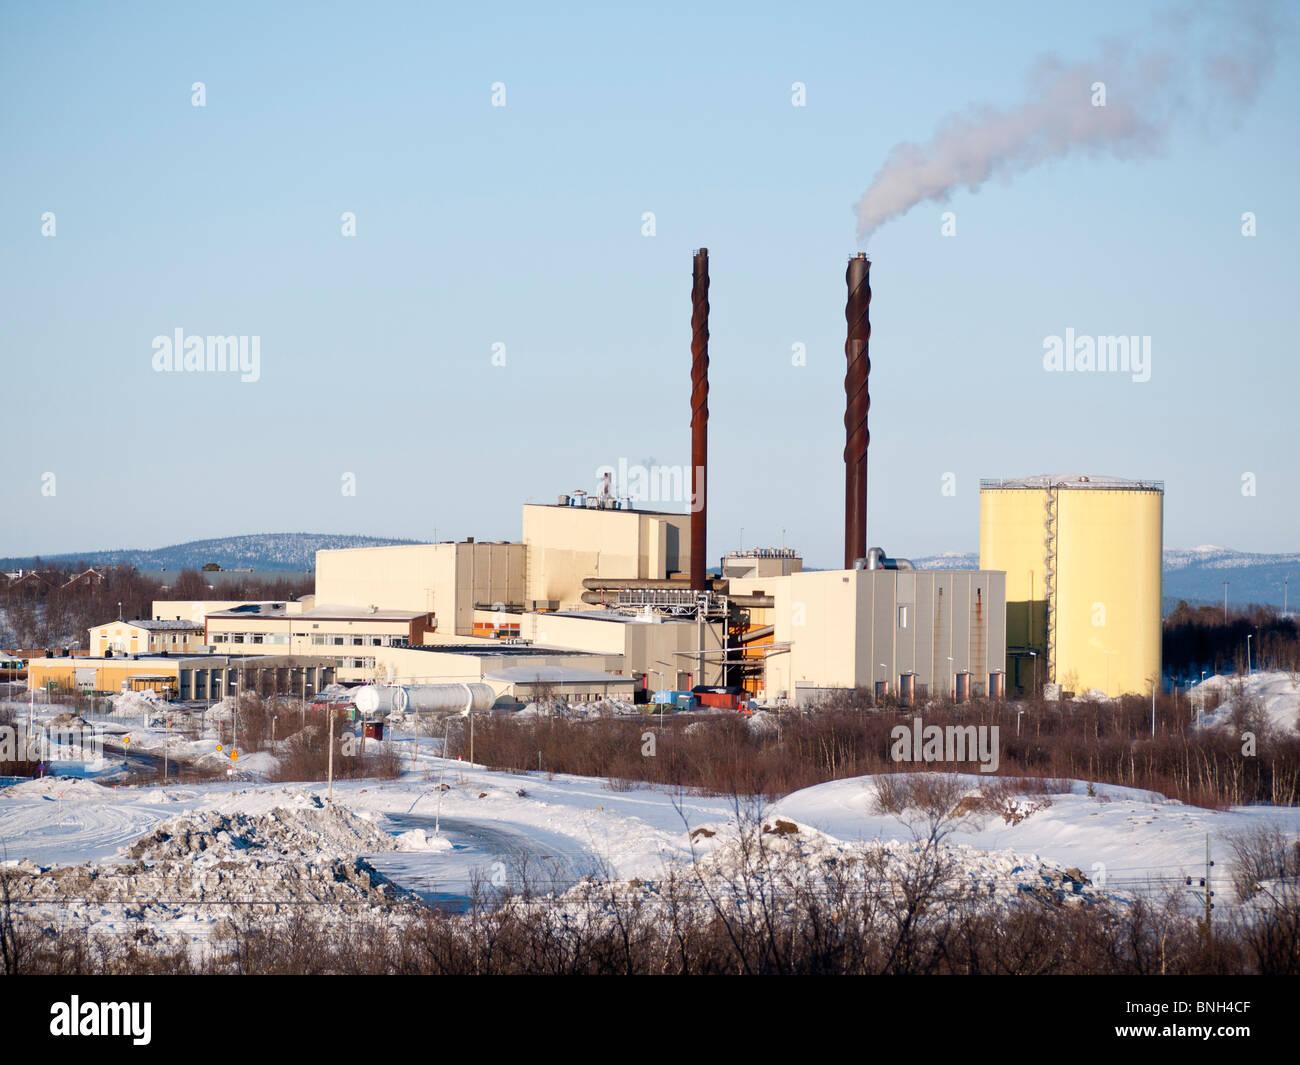 Suecia, SWE, Laponia, Kiruna, 2010Abr04: La planta de incineración de Kiruna. Imagen De Stock